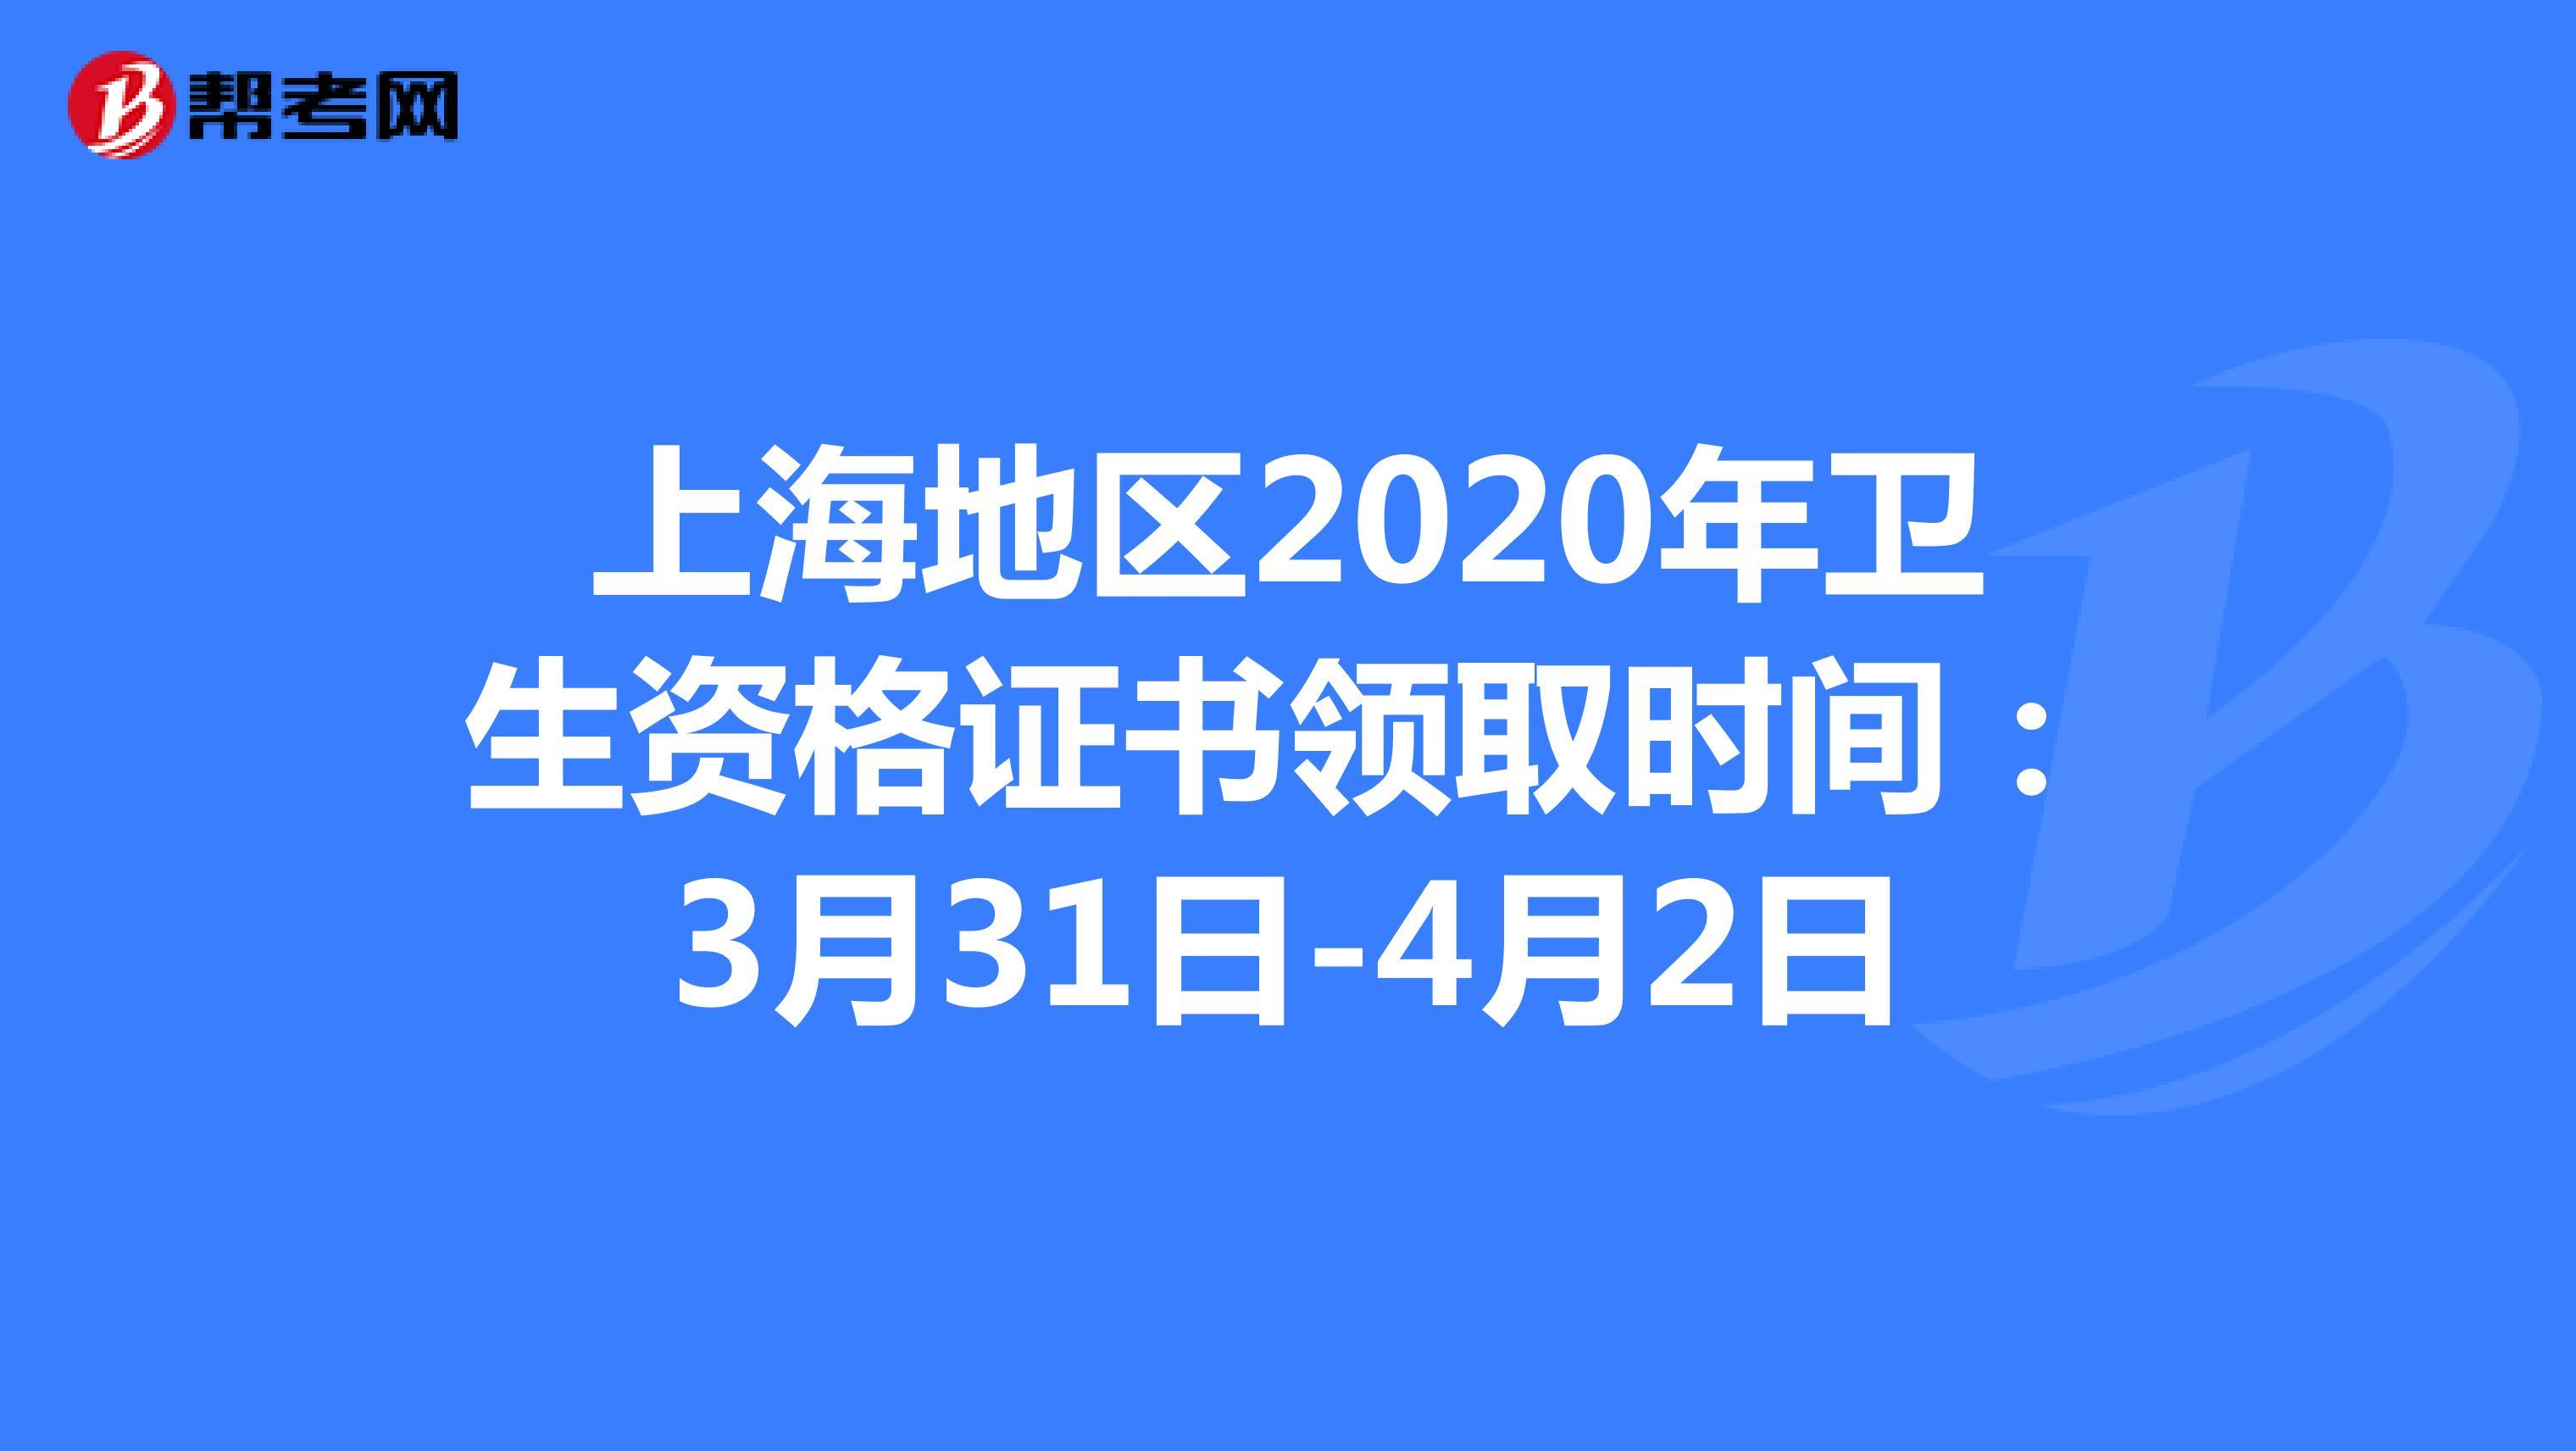 上海地区2020年卫生资格证书领取时间:3月31日-4月2日